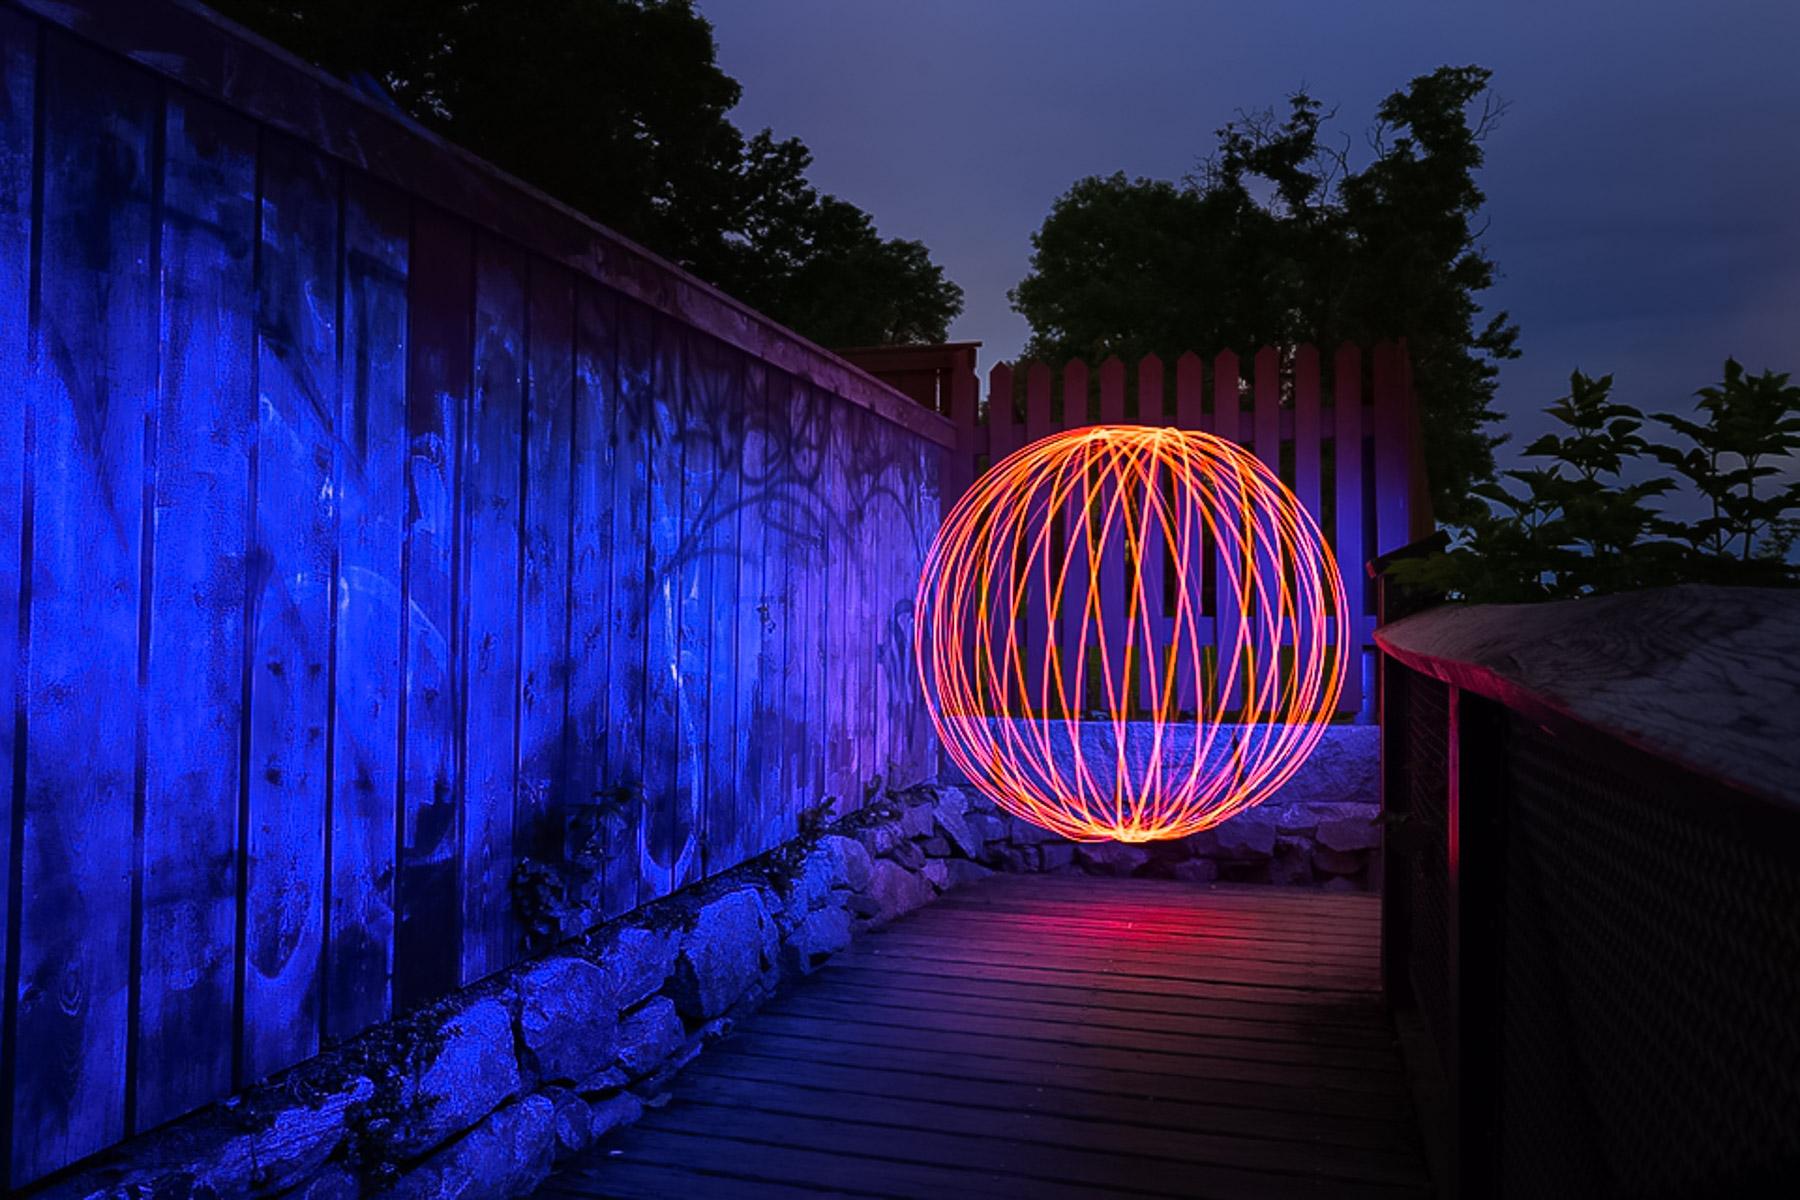 Fotokurs nattfotografering orb